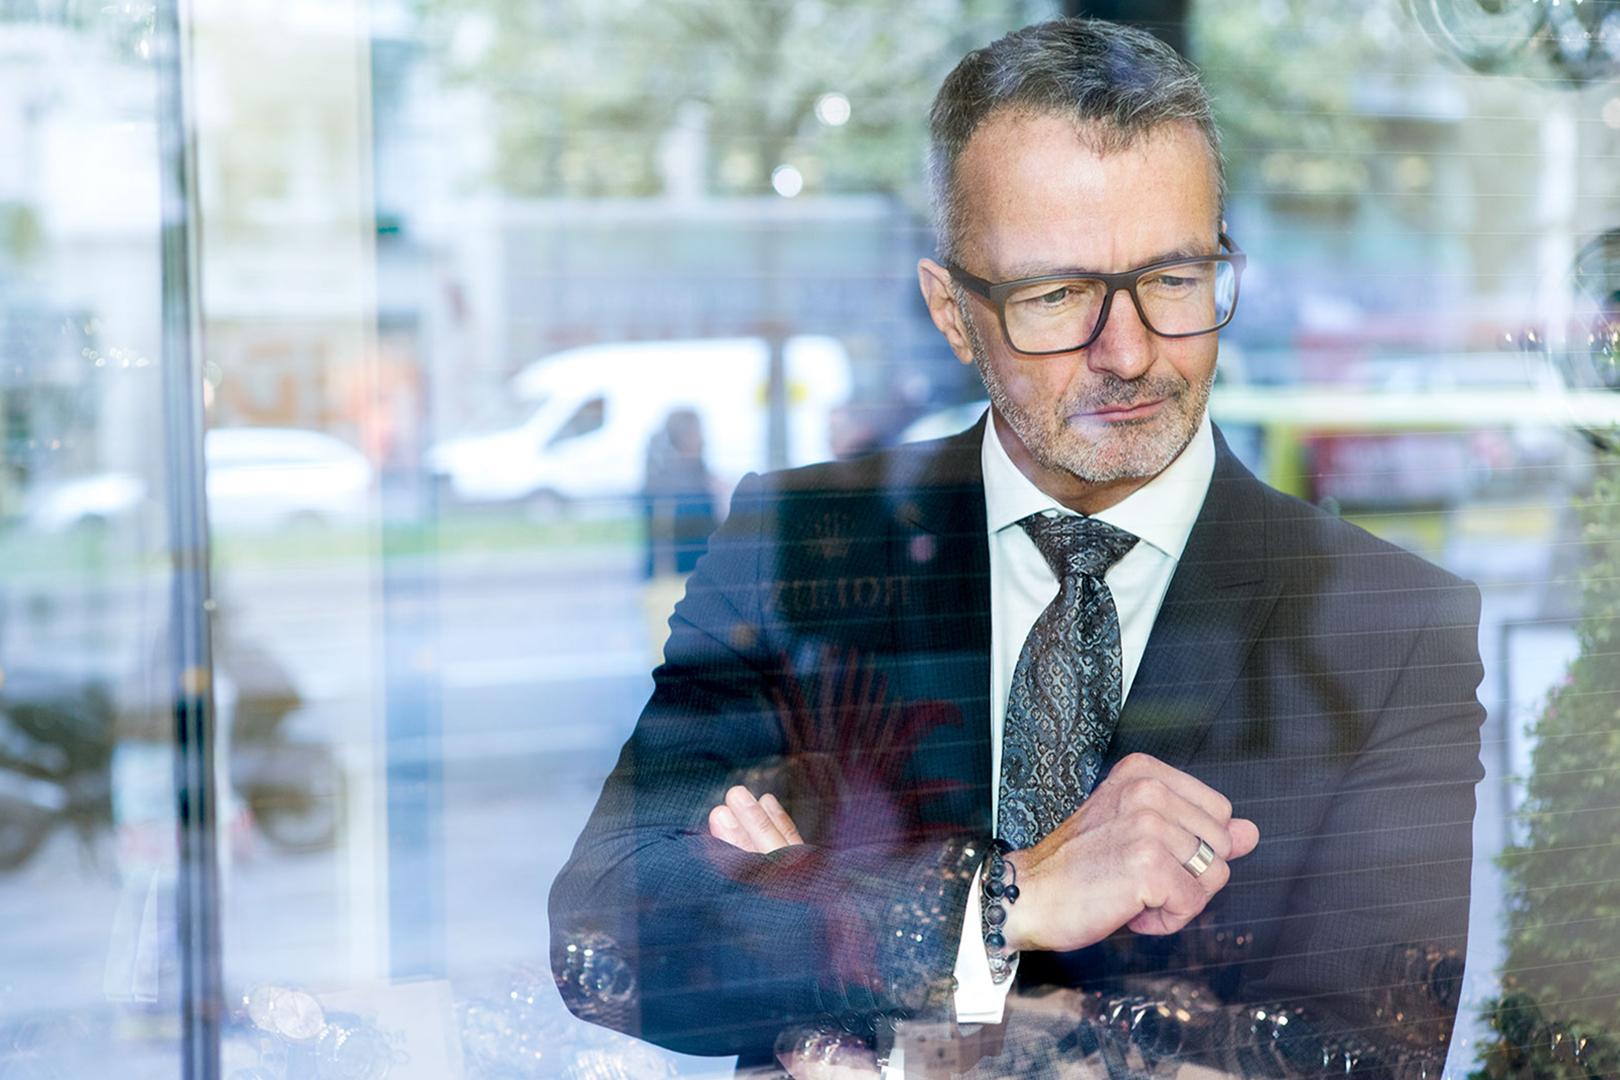 portrait des geschäftsführers eines renomierten juweliergeschäfts am kudamm berlin